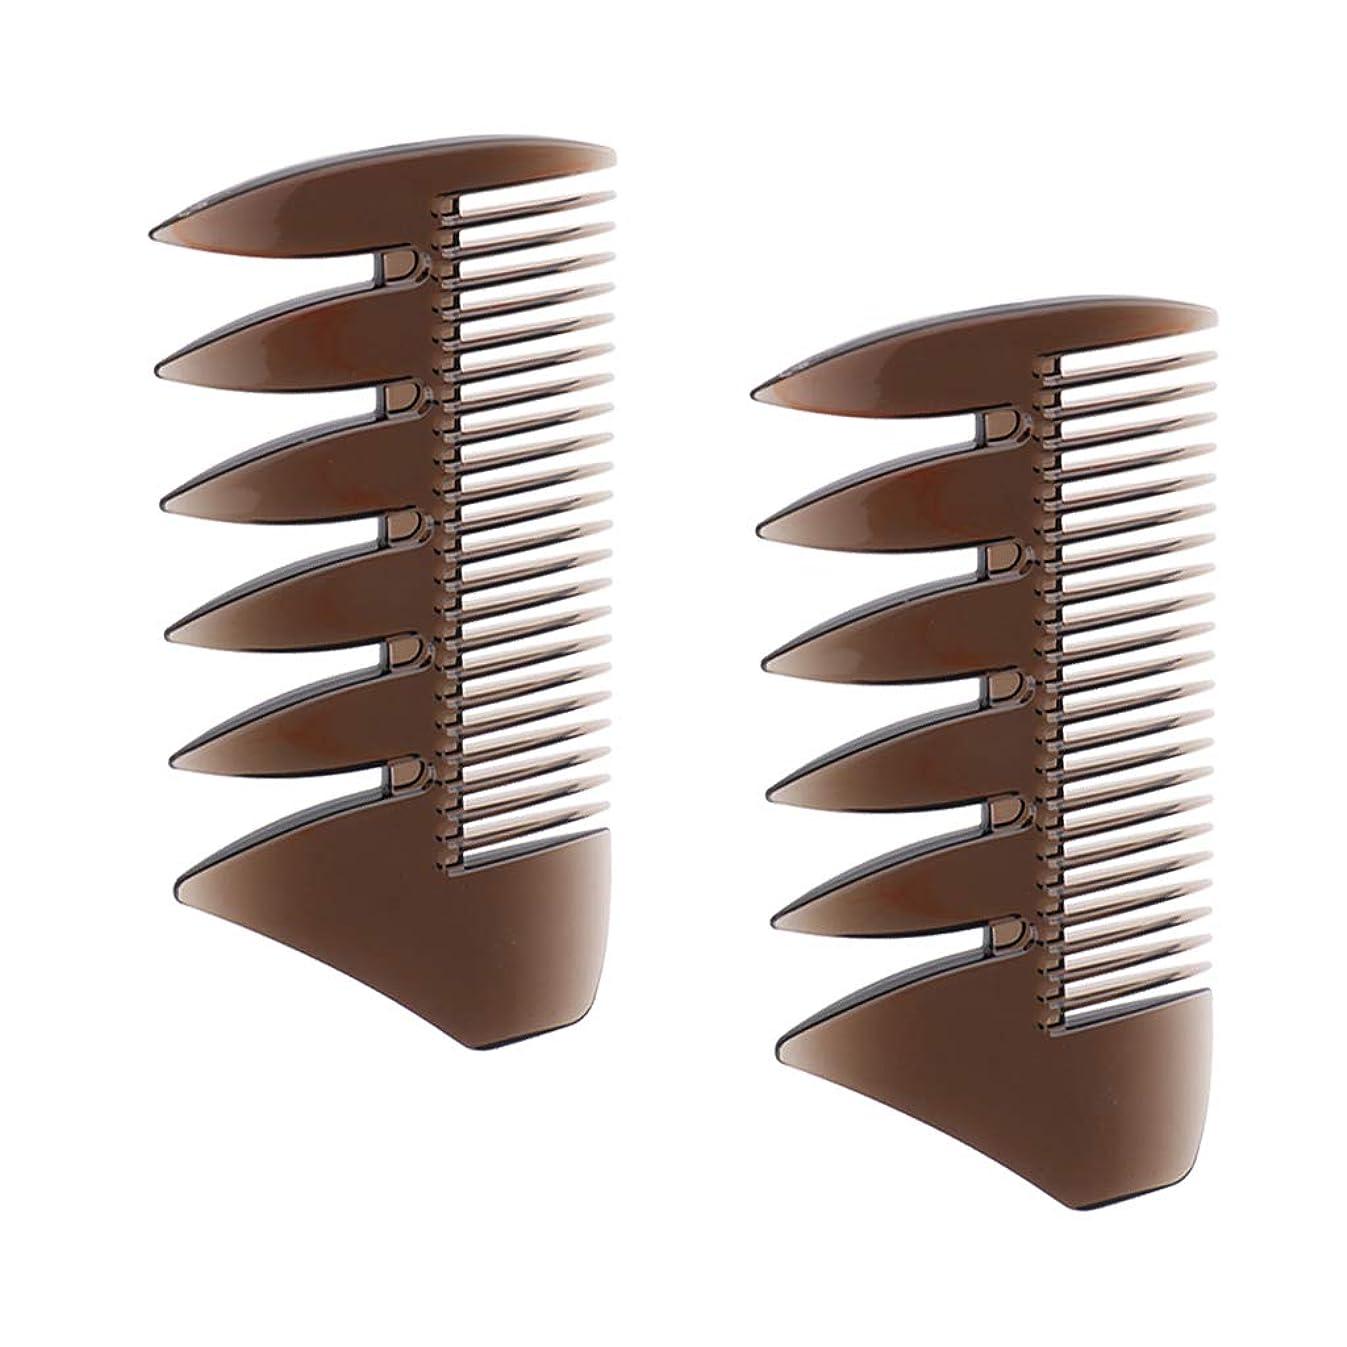 品イブニング解釈F Fityle 2個 ヘアコンビ デュアルサイド メンズ オイルの髪 櫛 ヘアサロン ヘアスタイリング